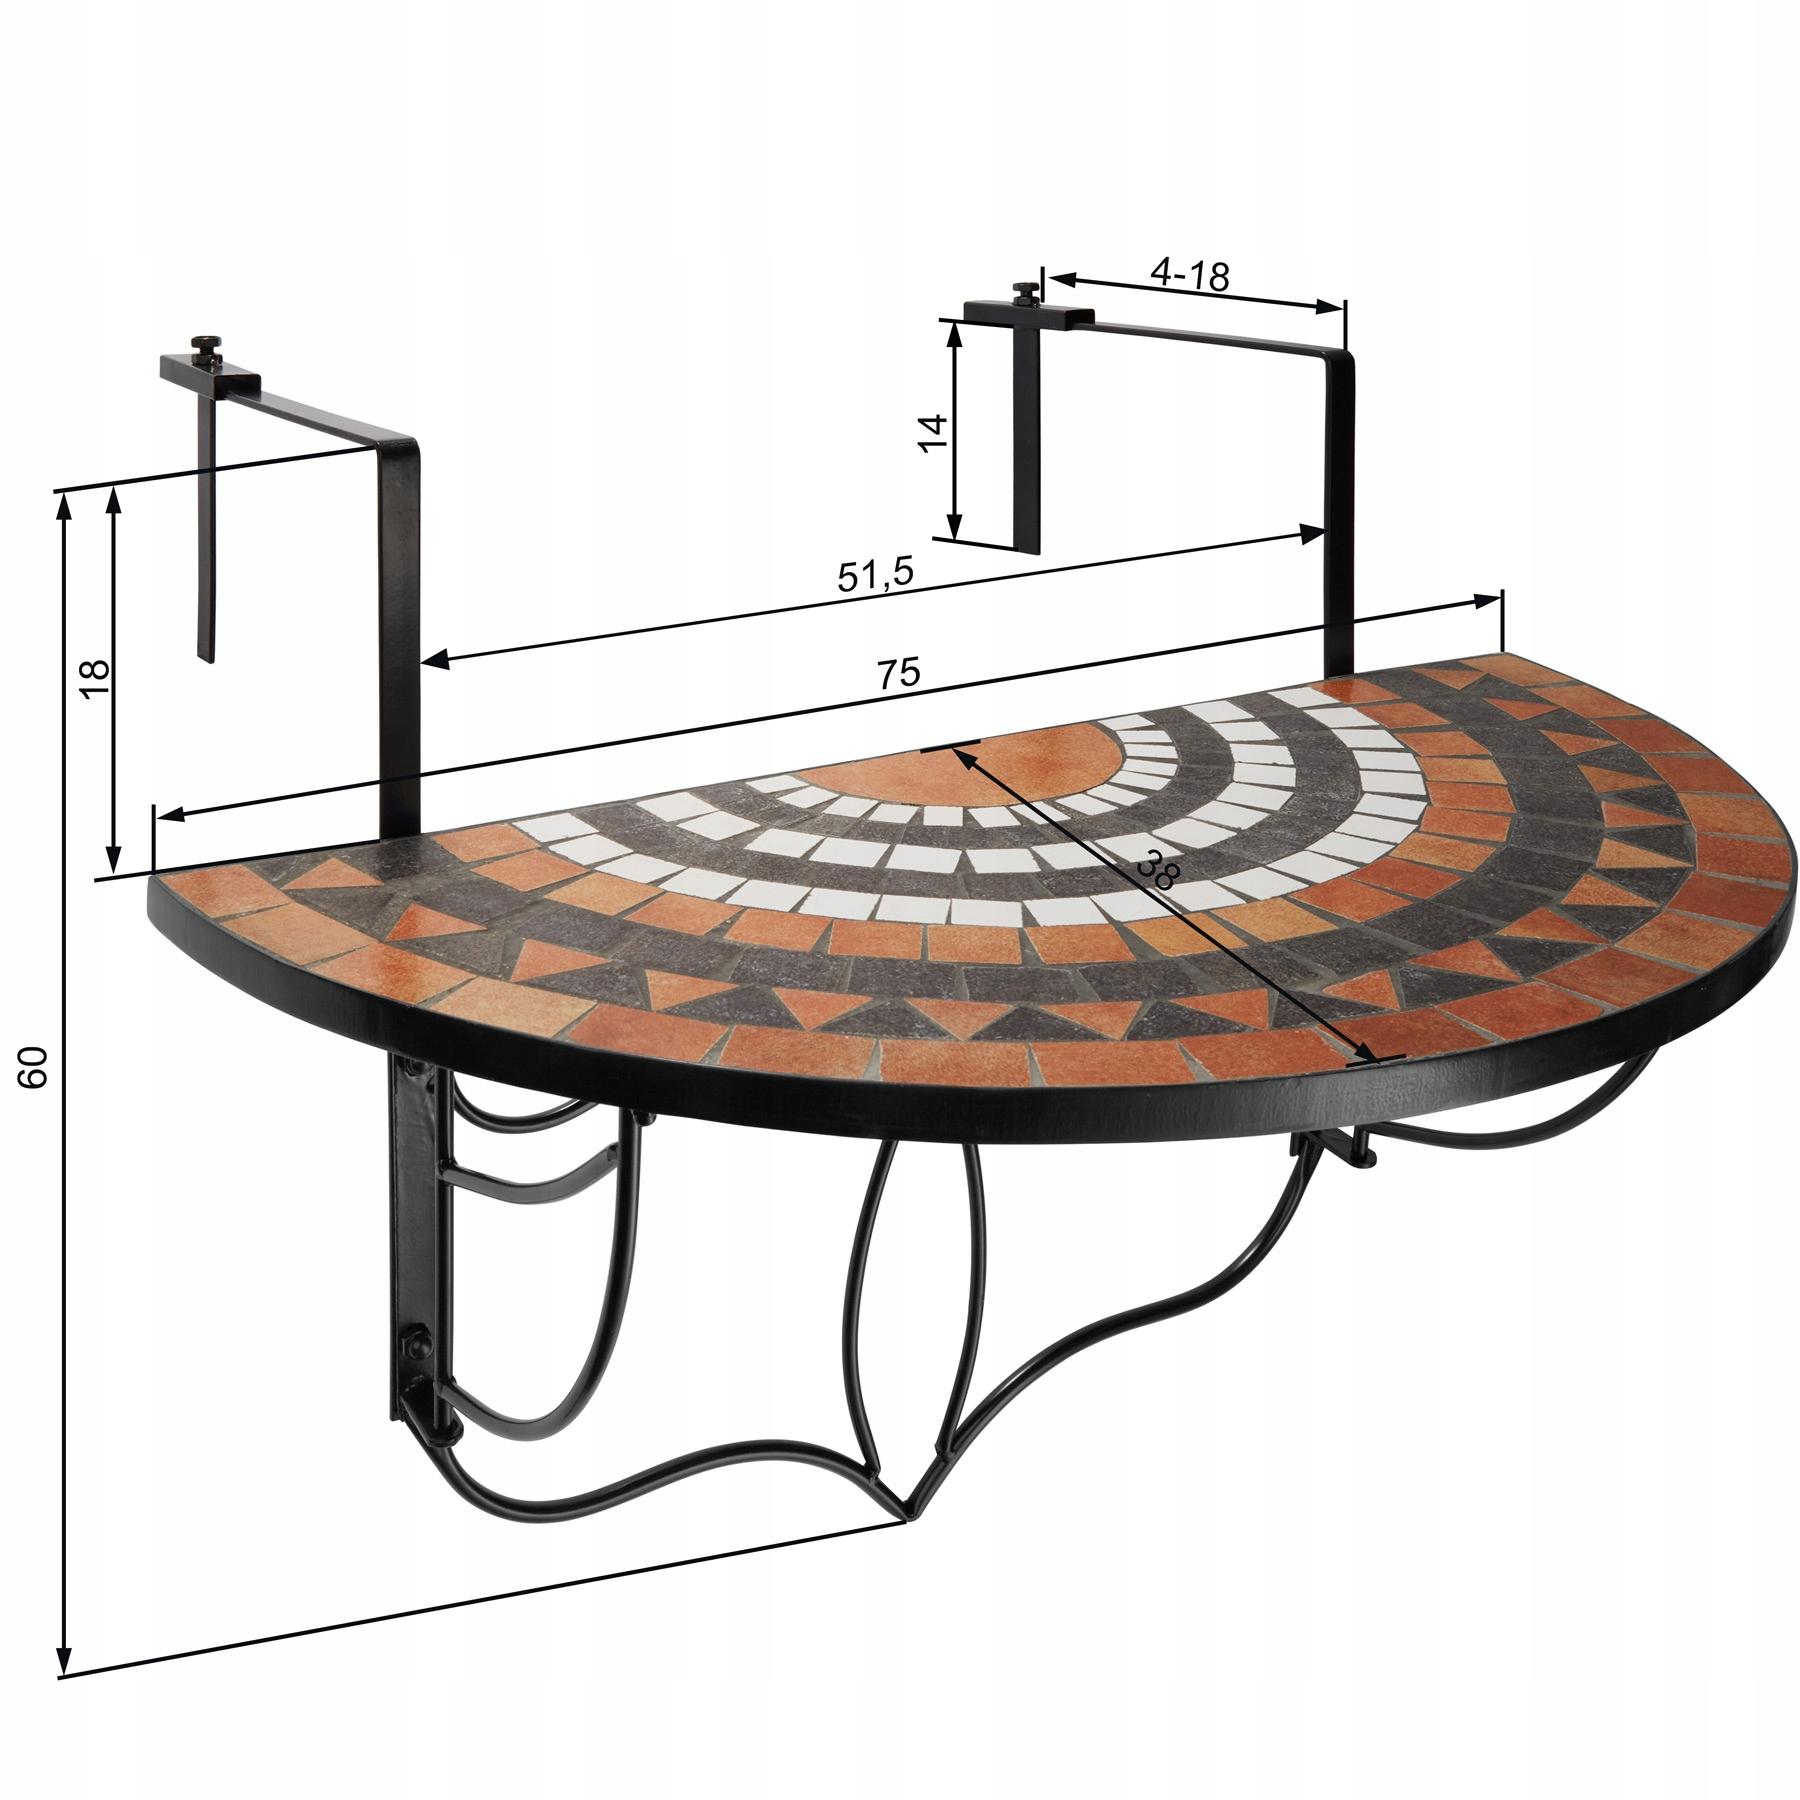 Skladací mozaikový balkónový stôl 402774Kód produktu 402774